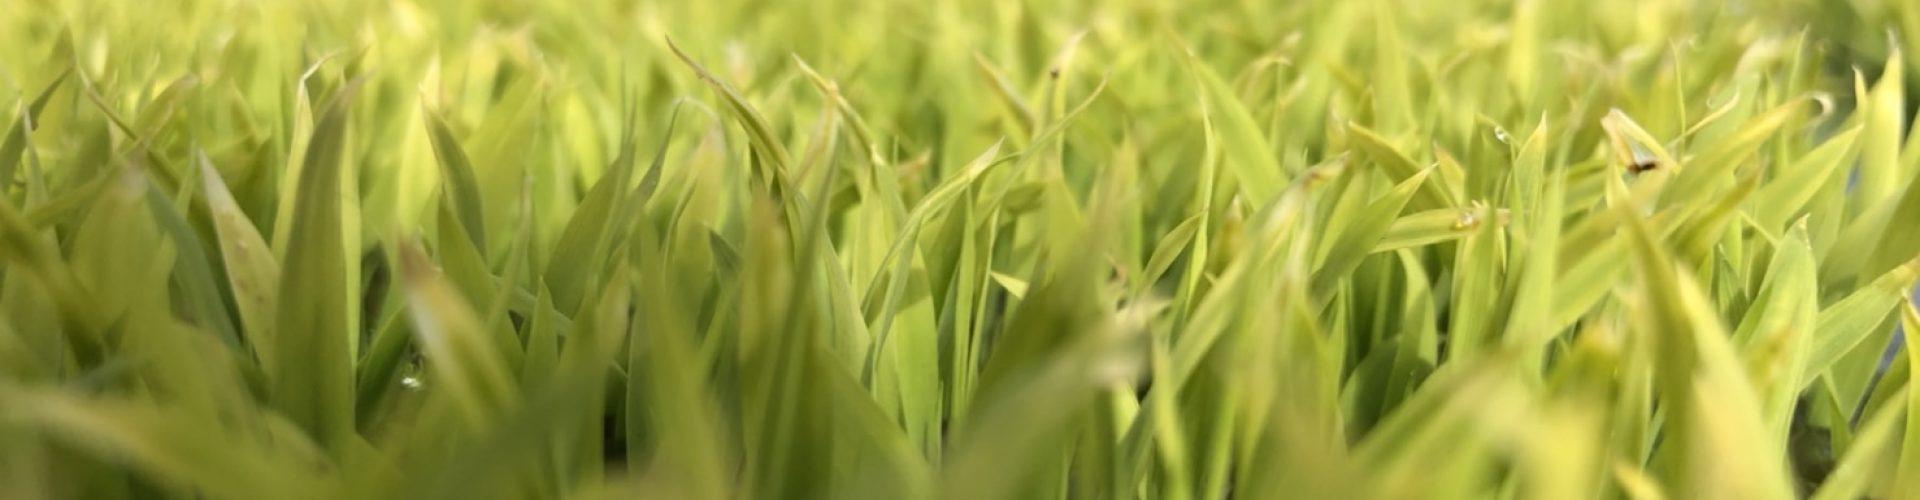 緑化した稲